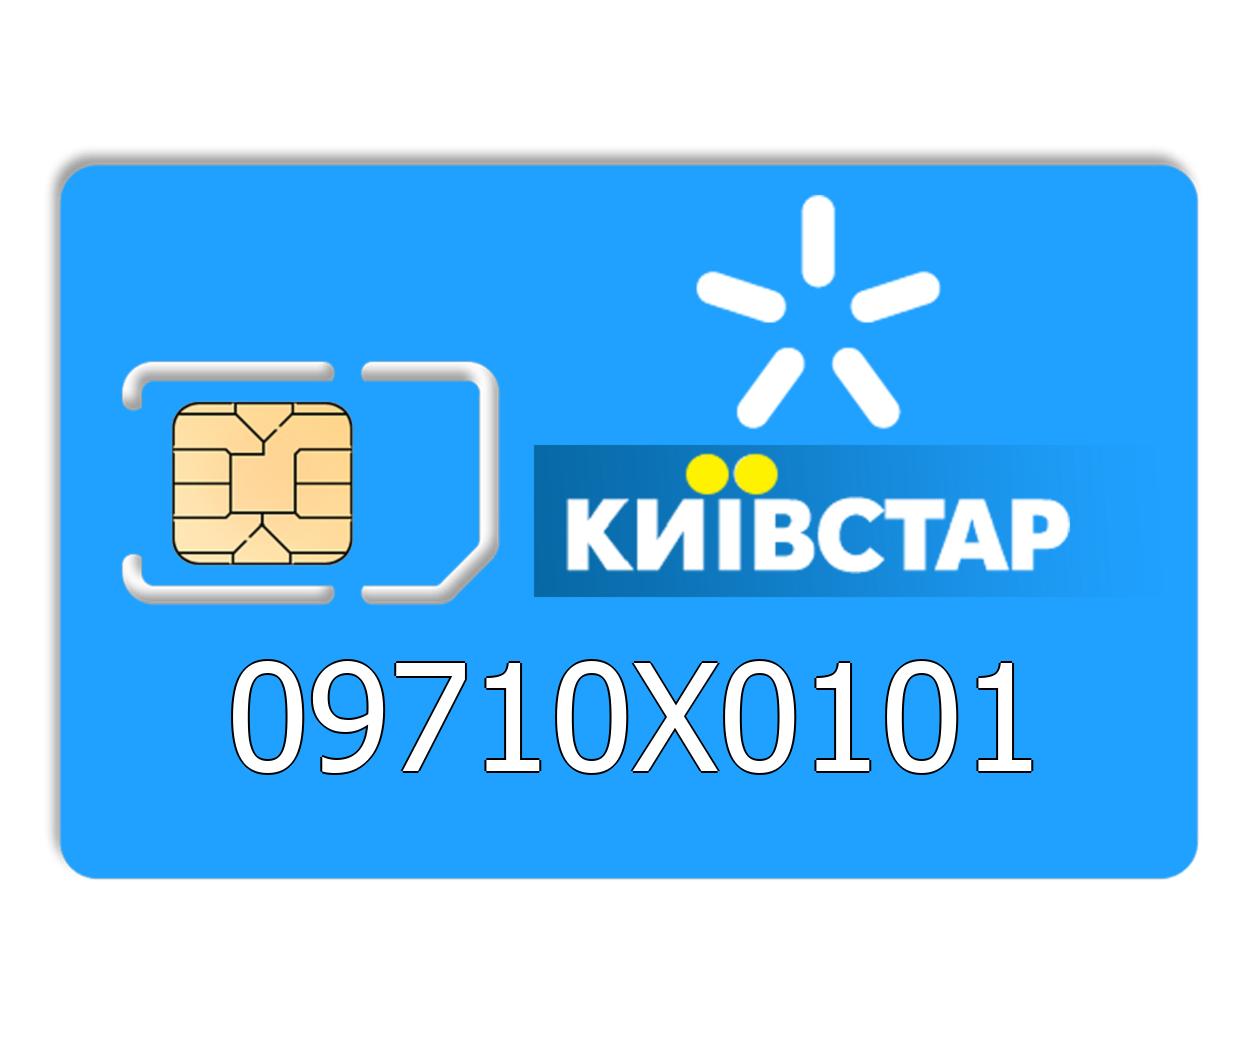 Красивый номер Киевстар 09710X0101